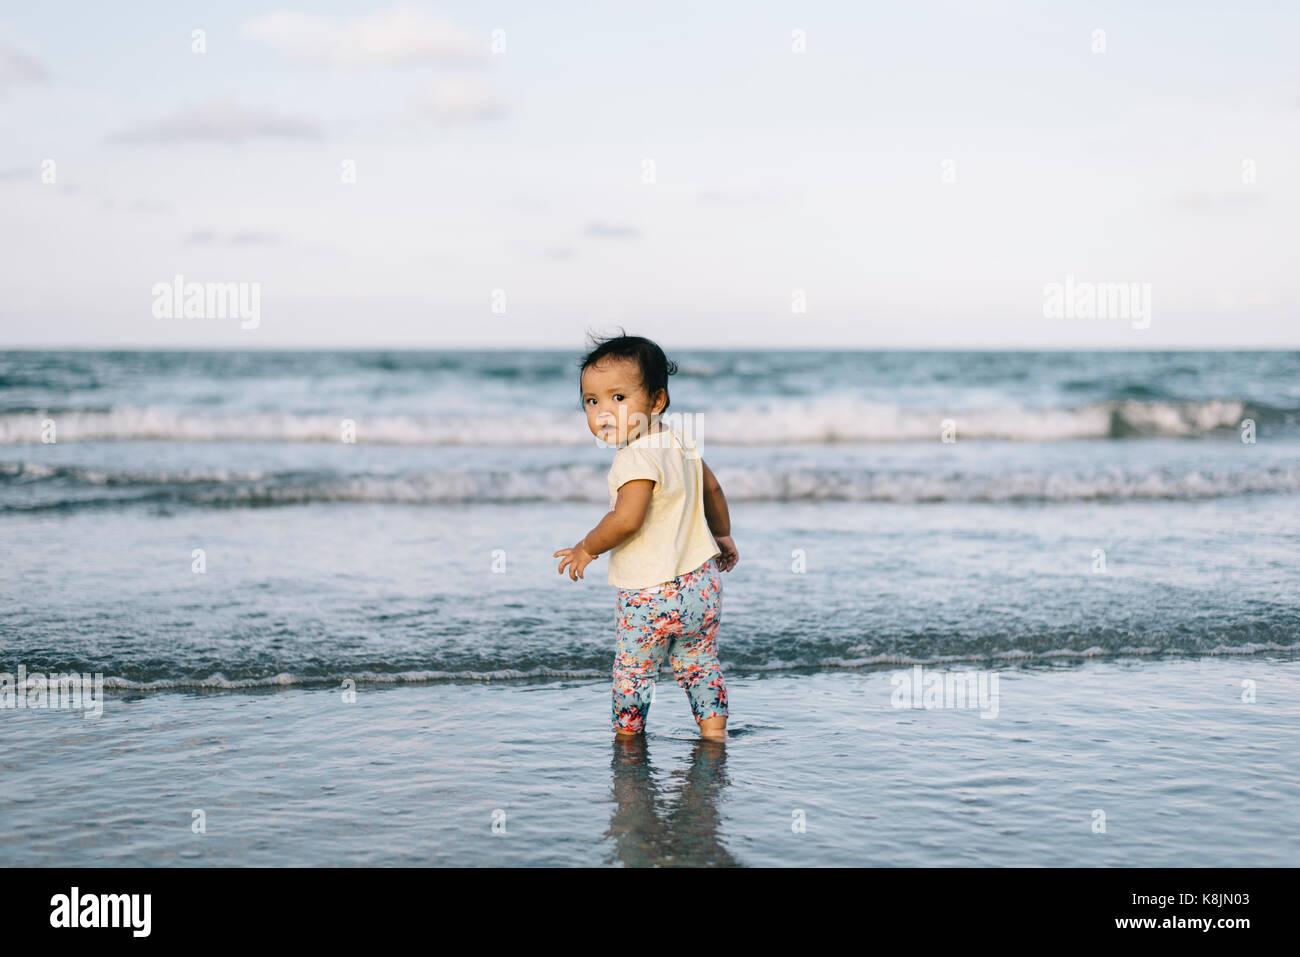 Baby oder Kleinkind am Strand Wellen zum ersten Mal neugierig machen. Lernen Konzept. parenting Konzept Stockbild